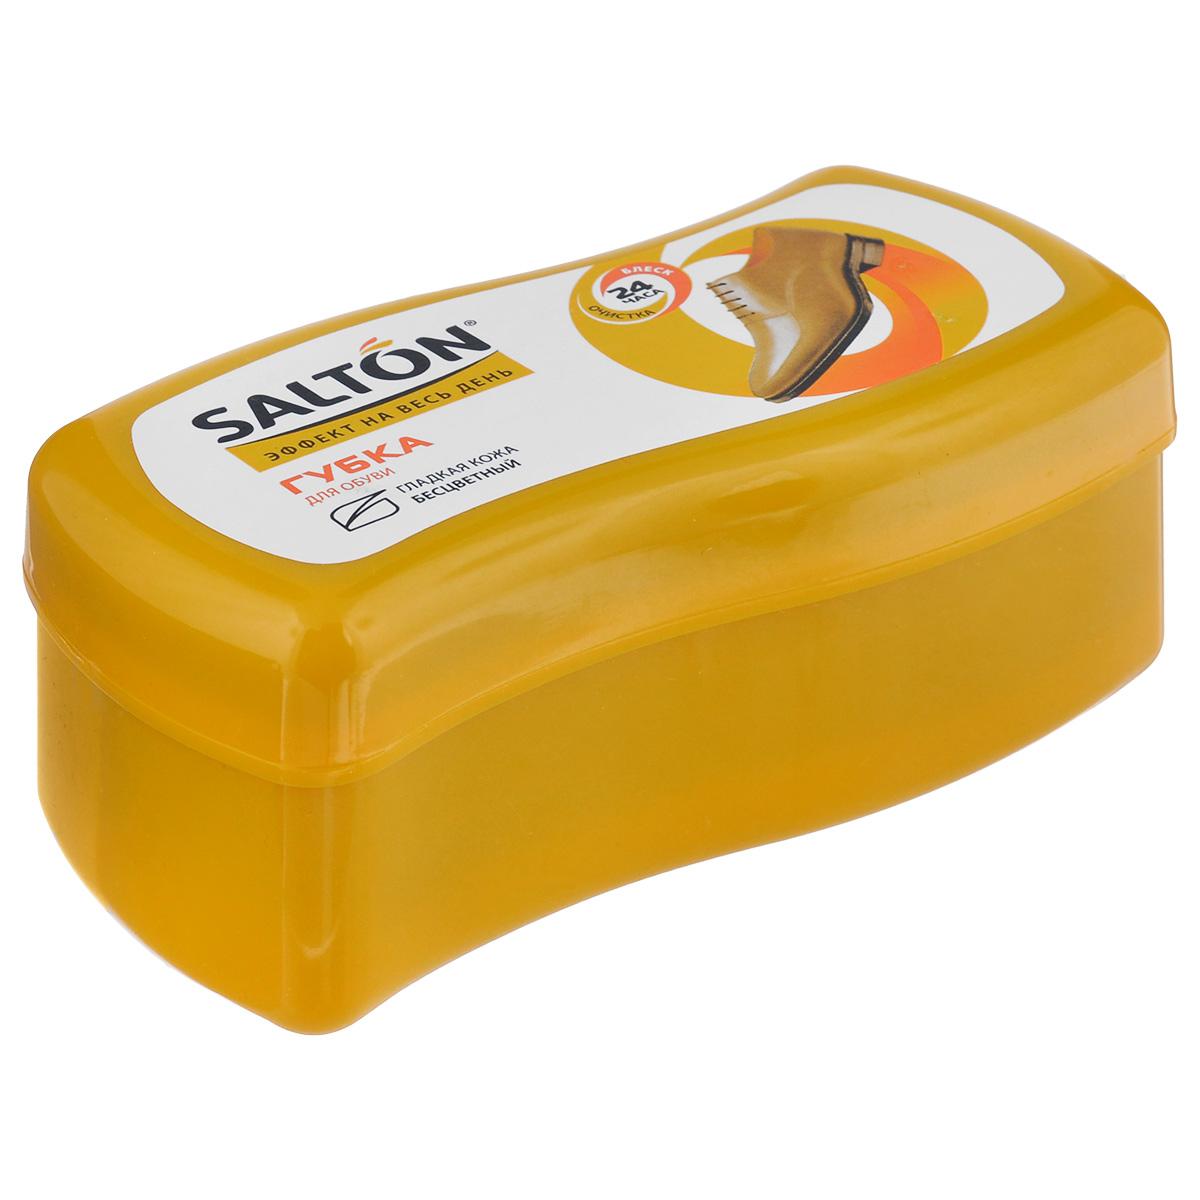 Губка Salton Волна для обуви из гладкой кожи, цвет: бесцветный, 7,5 х 3,5 х 3,5 см26258602Губка Salton Волна с норковым маслом предназначена для ухода за обувью из гладкой кожи, она придает ей естественный блеск. Не использовать для замши, нубука и текстиля.Размер: 7,5 см х 3,5 см х 3,5 см.Состав: пенополиуретан, силиконовое масло, норковое масло, воск, ланолин, отдушка.Товар сертифицирован.